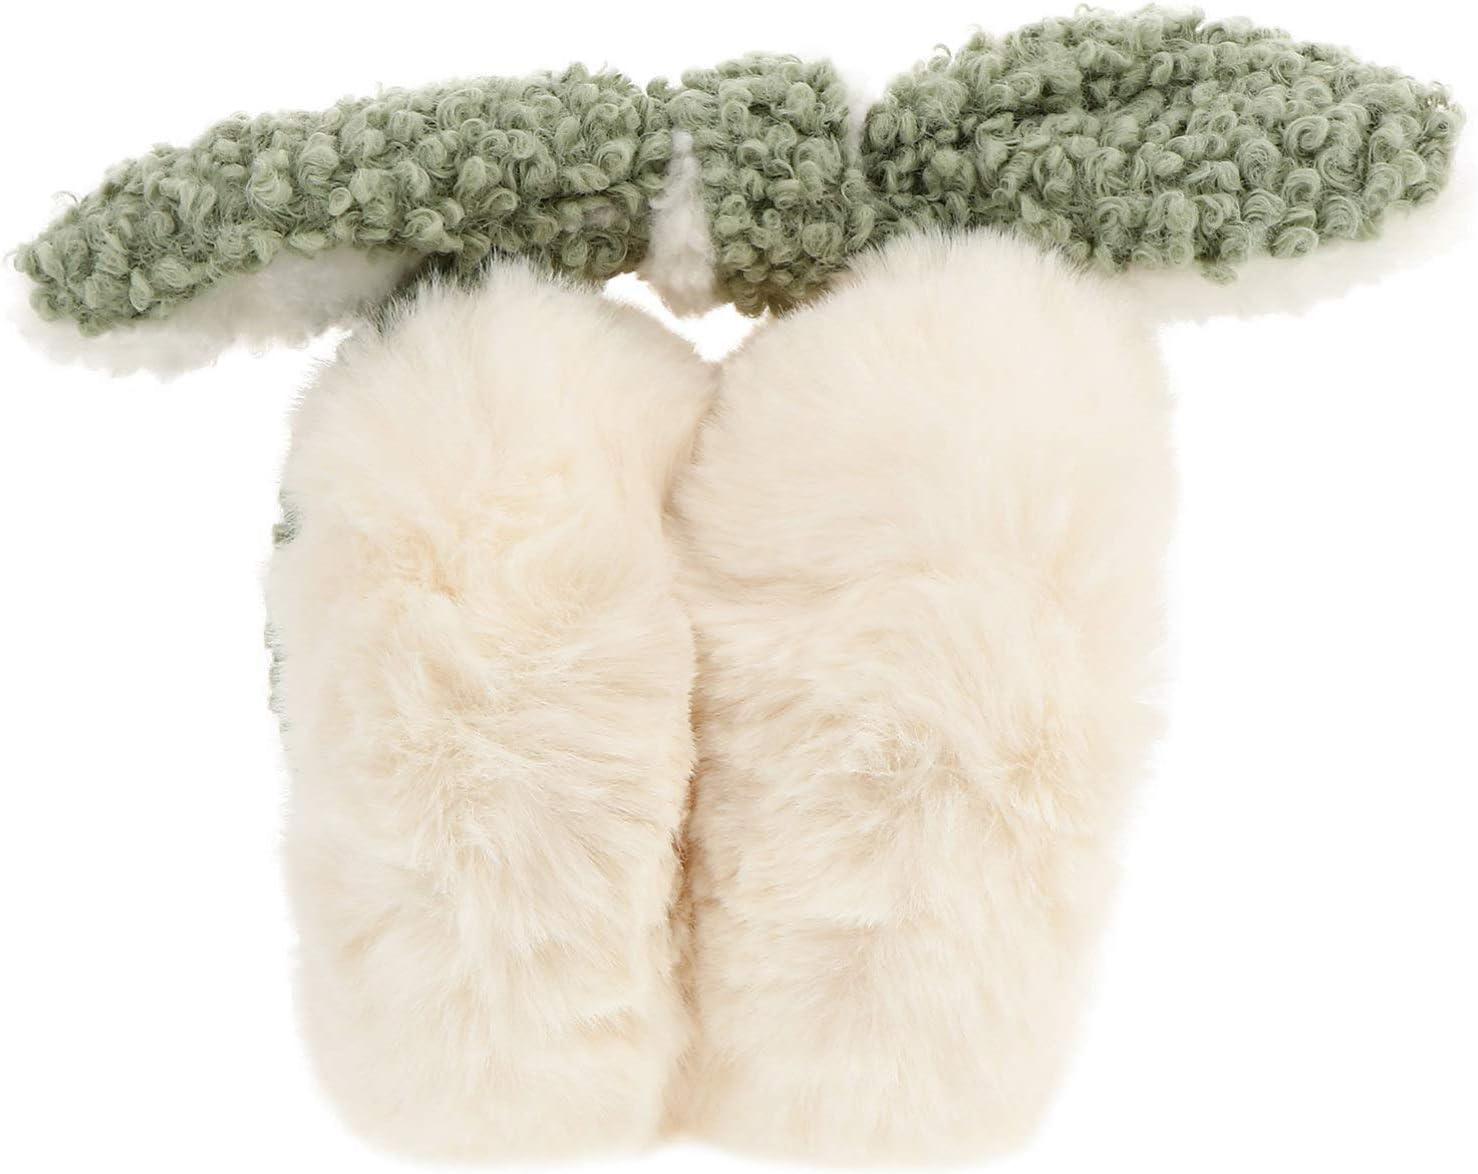 TOYANDONA Winter Fleece Ear Warmers Muffs Cute Plush Earmuffs Headband Hair Hoop Ear Cover for Winter Cold Weather- Beige